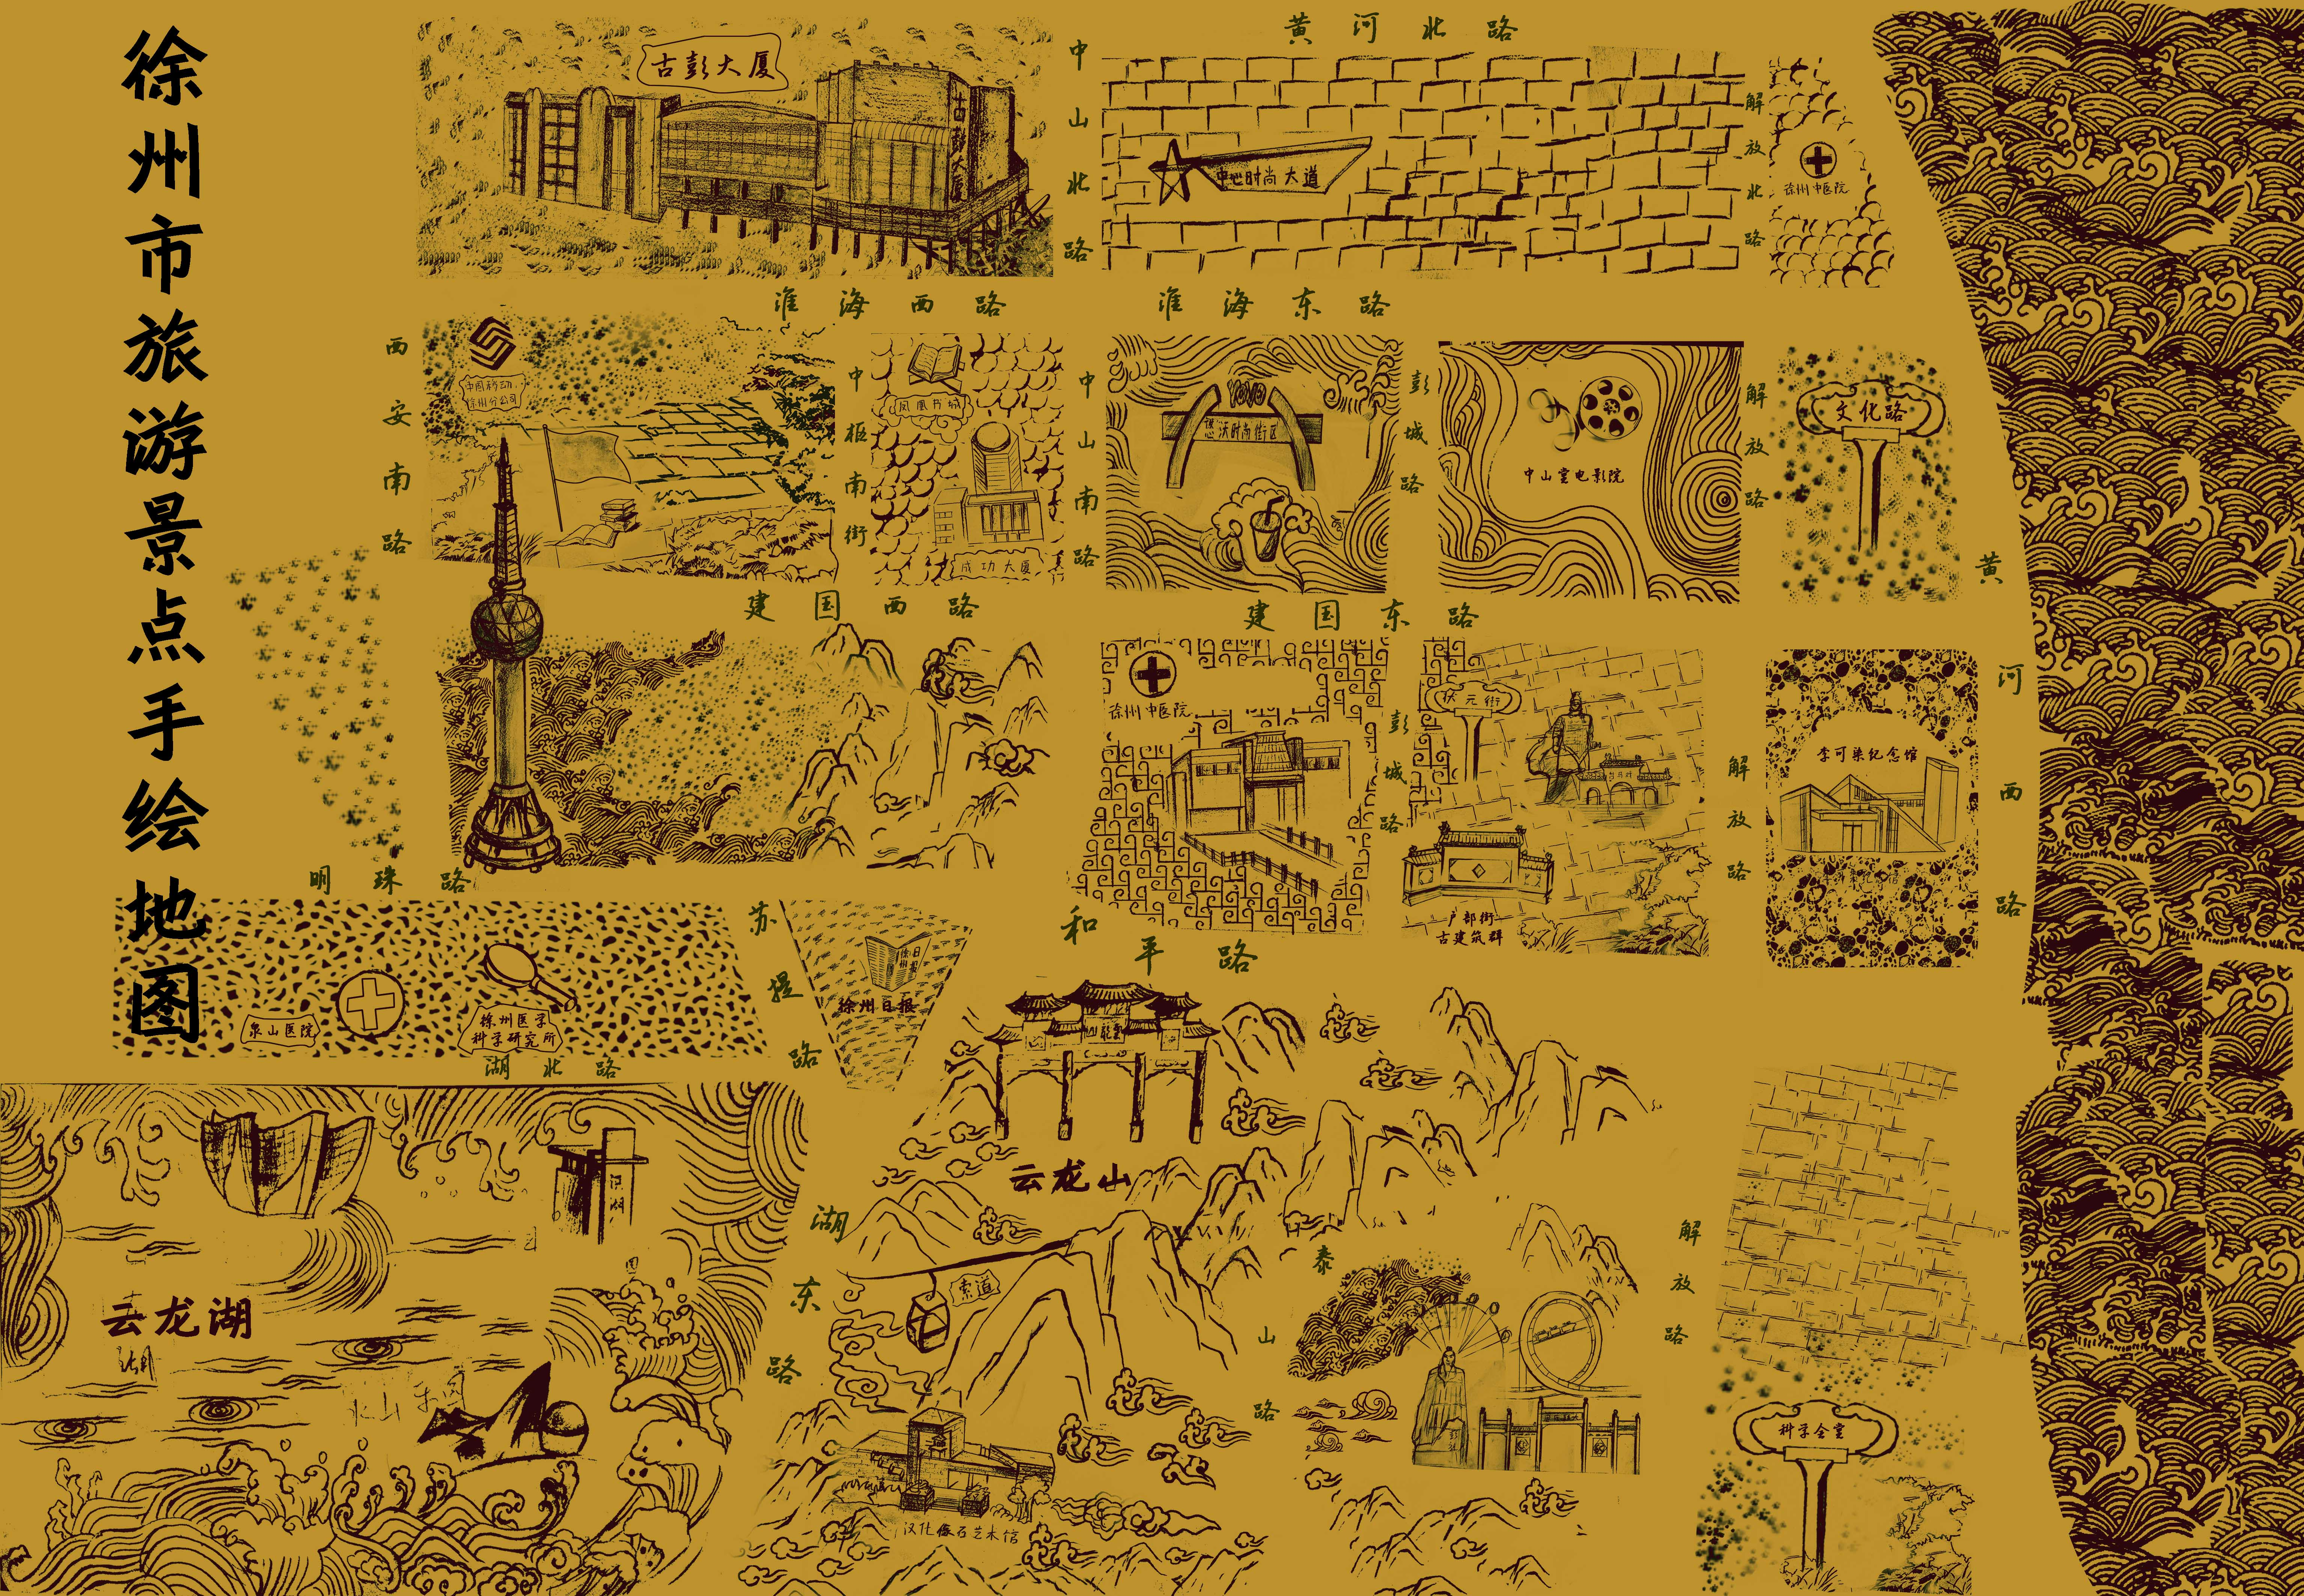 徐州市手绘地图